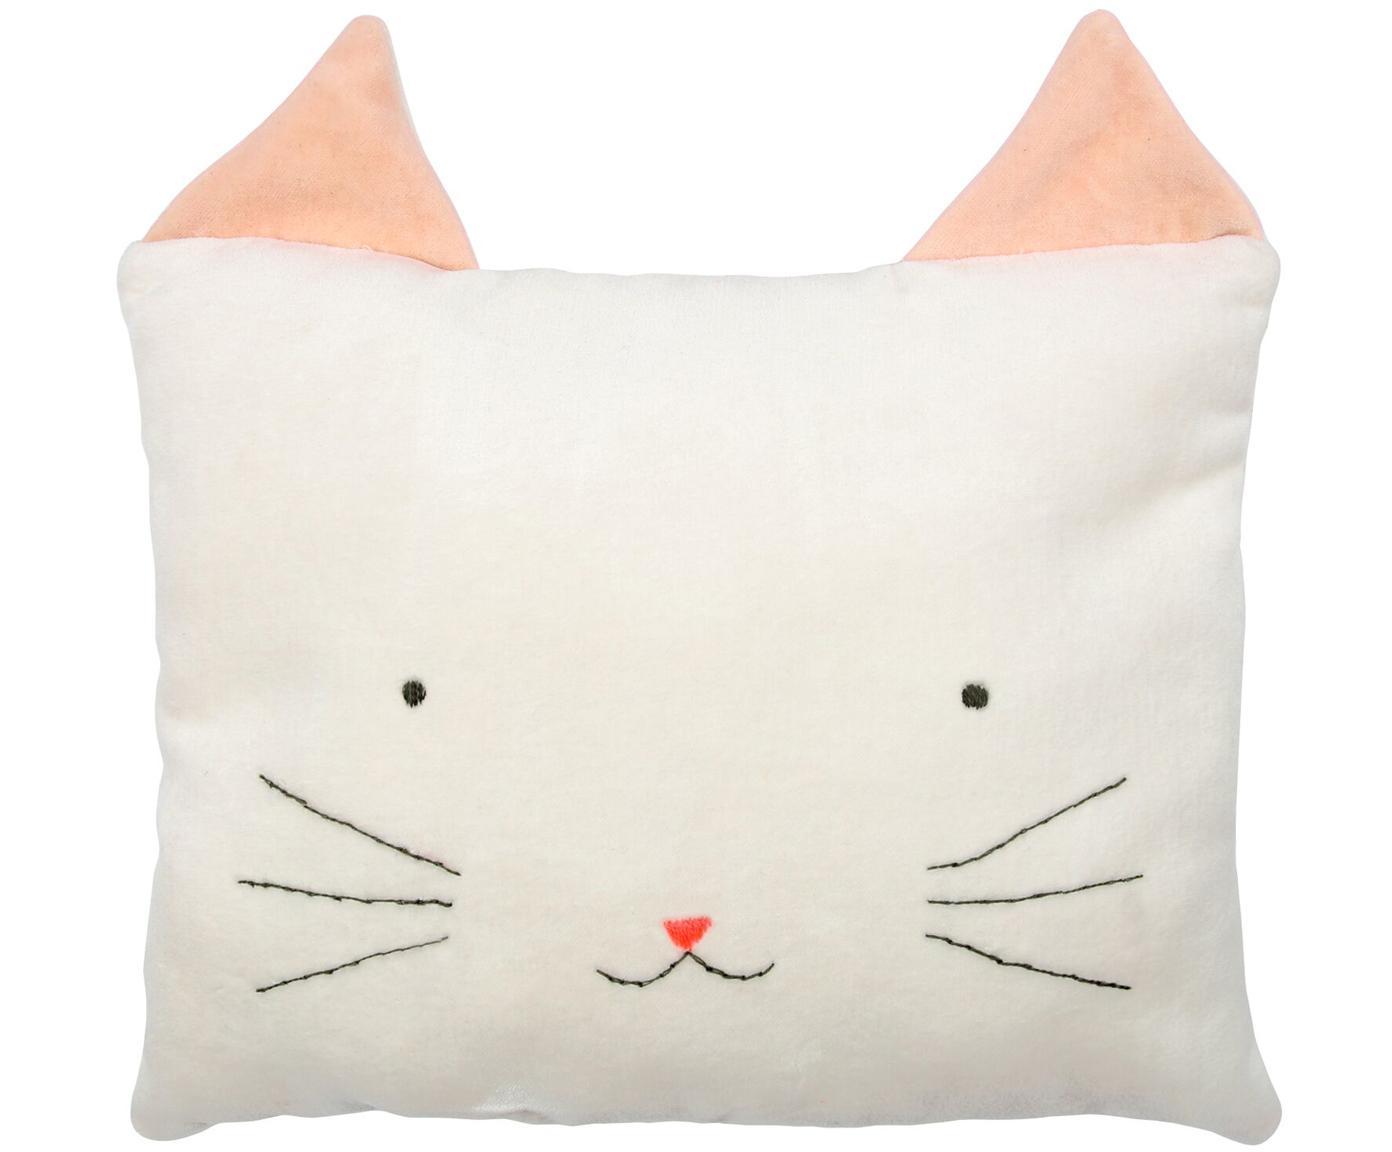 Kuschelkissen Cat, Bezug: Baumwollsamt, Gebrochenes Weiß, Rosa, Schwarz, 30 x 30 cm